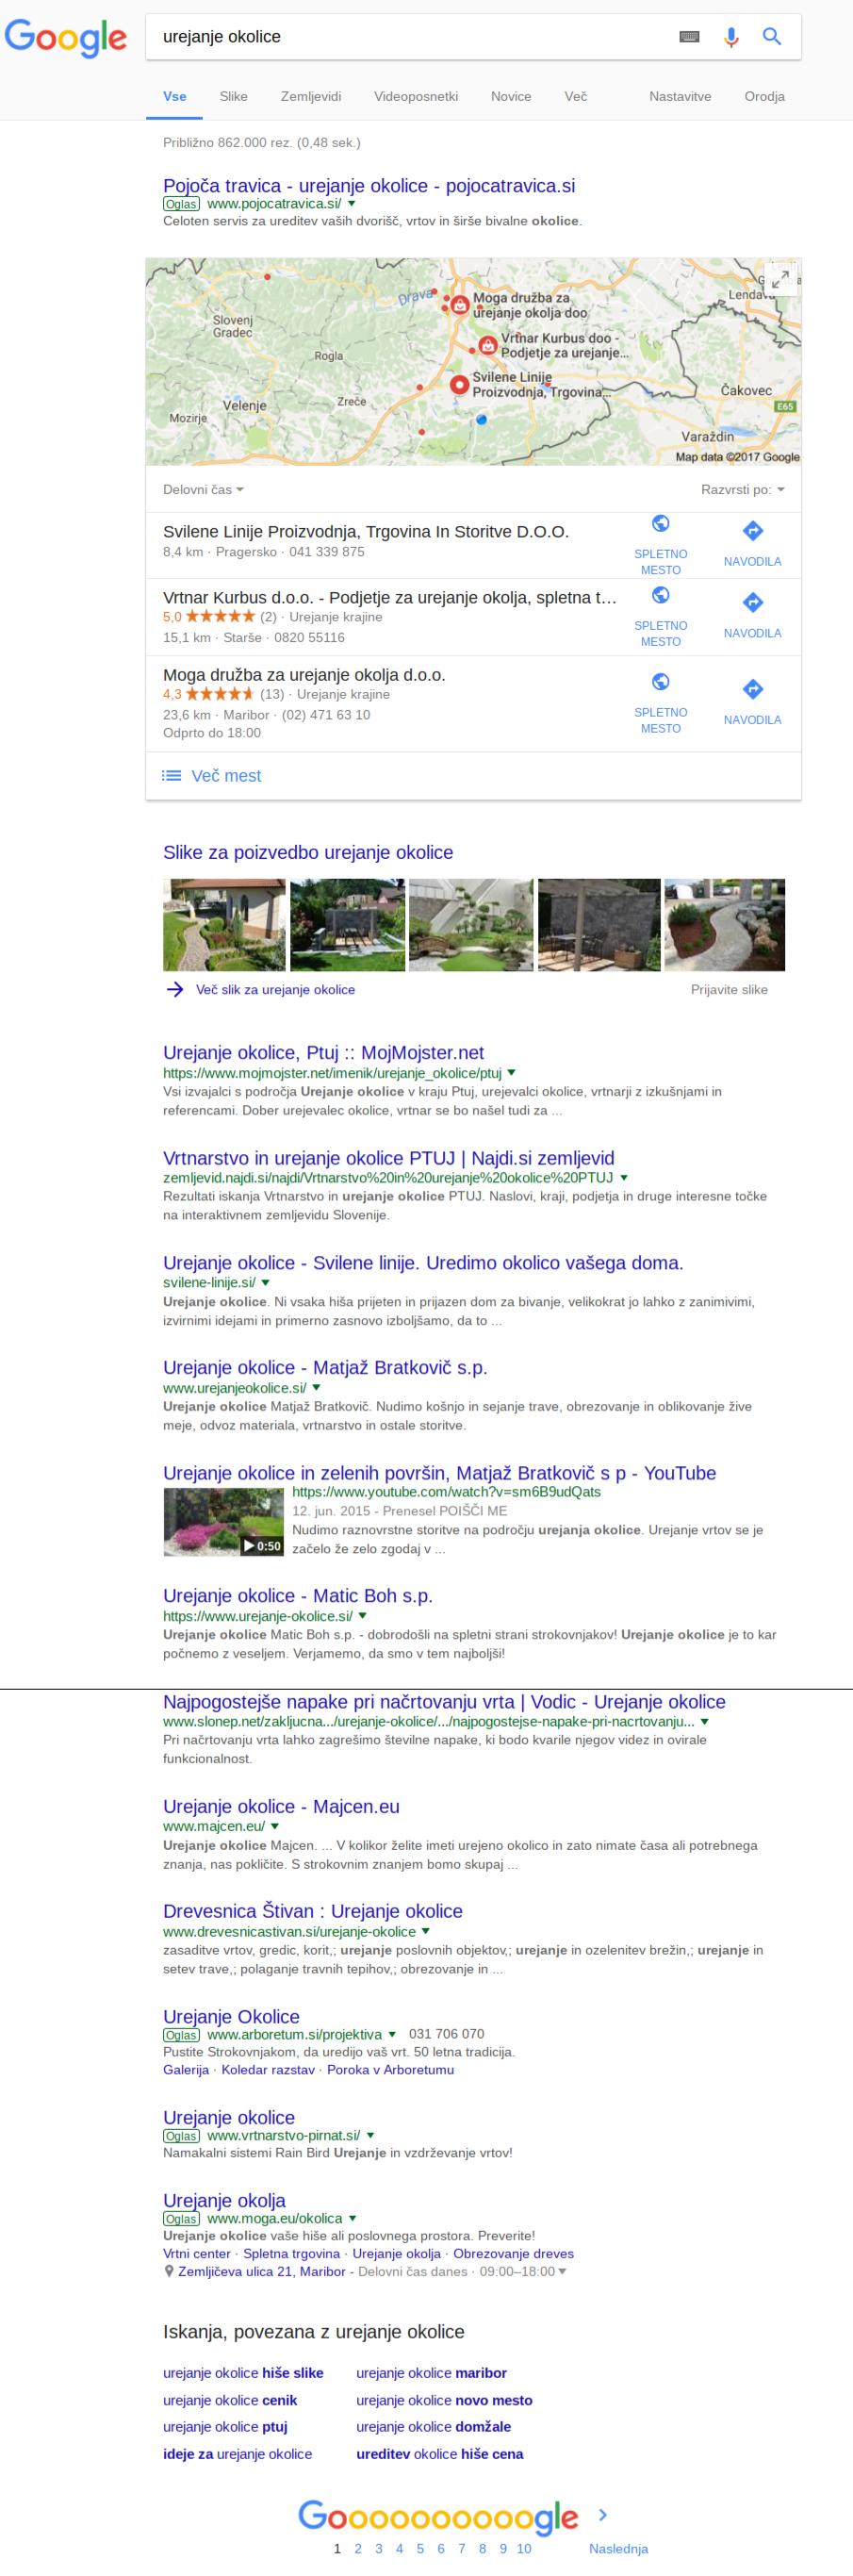 Kako optimizirati spletno stran za urejanje okolice